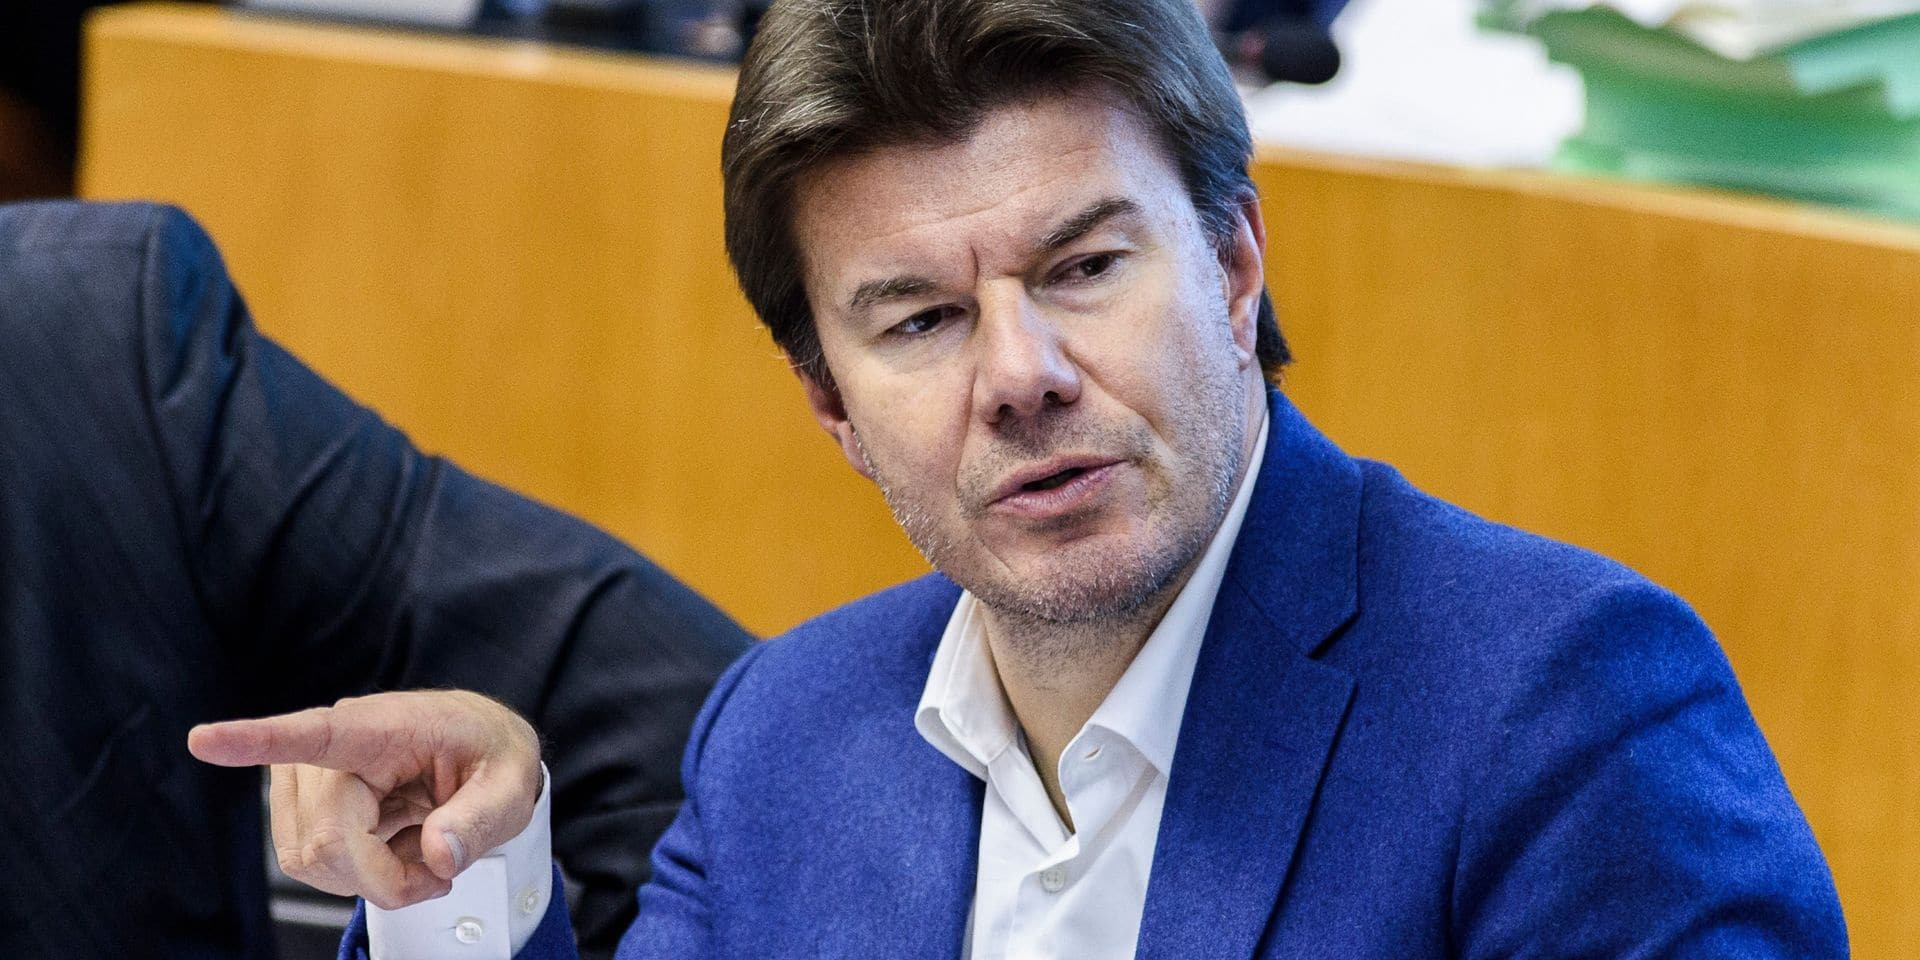 Bruxelles: l'ambition du multilinguisme affichée par Sven Gatz bien accueillie au parlement